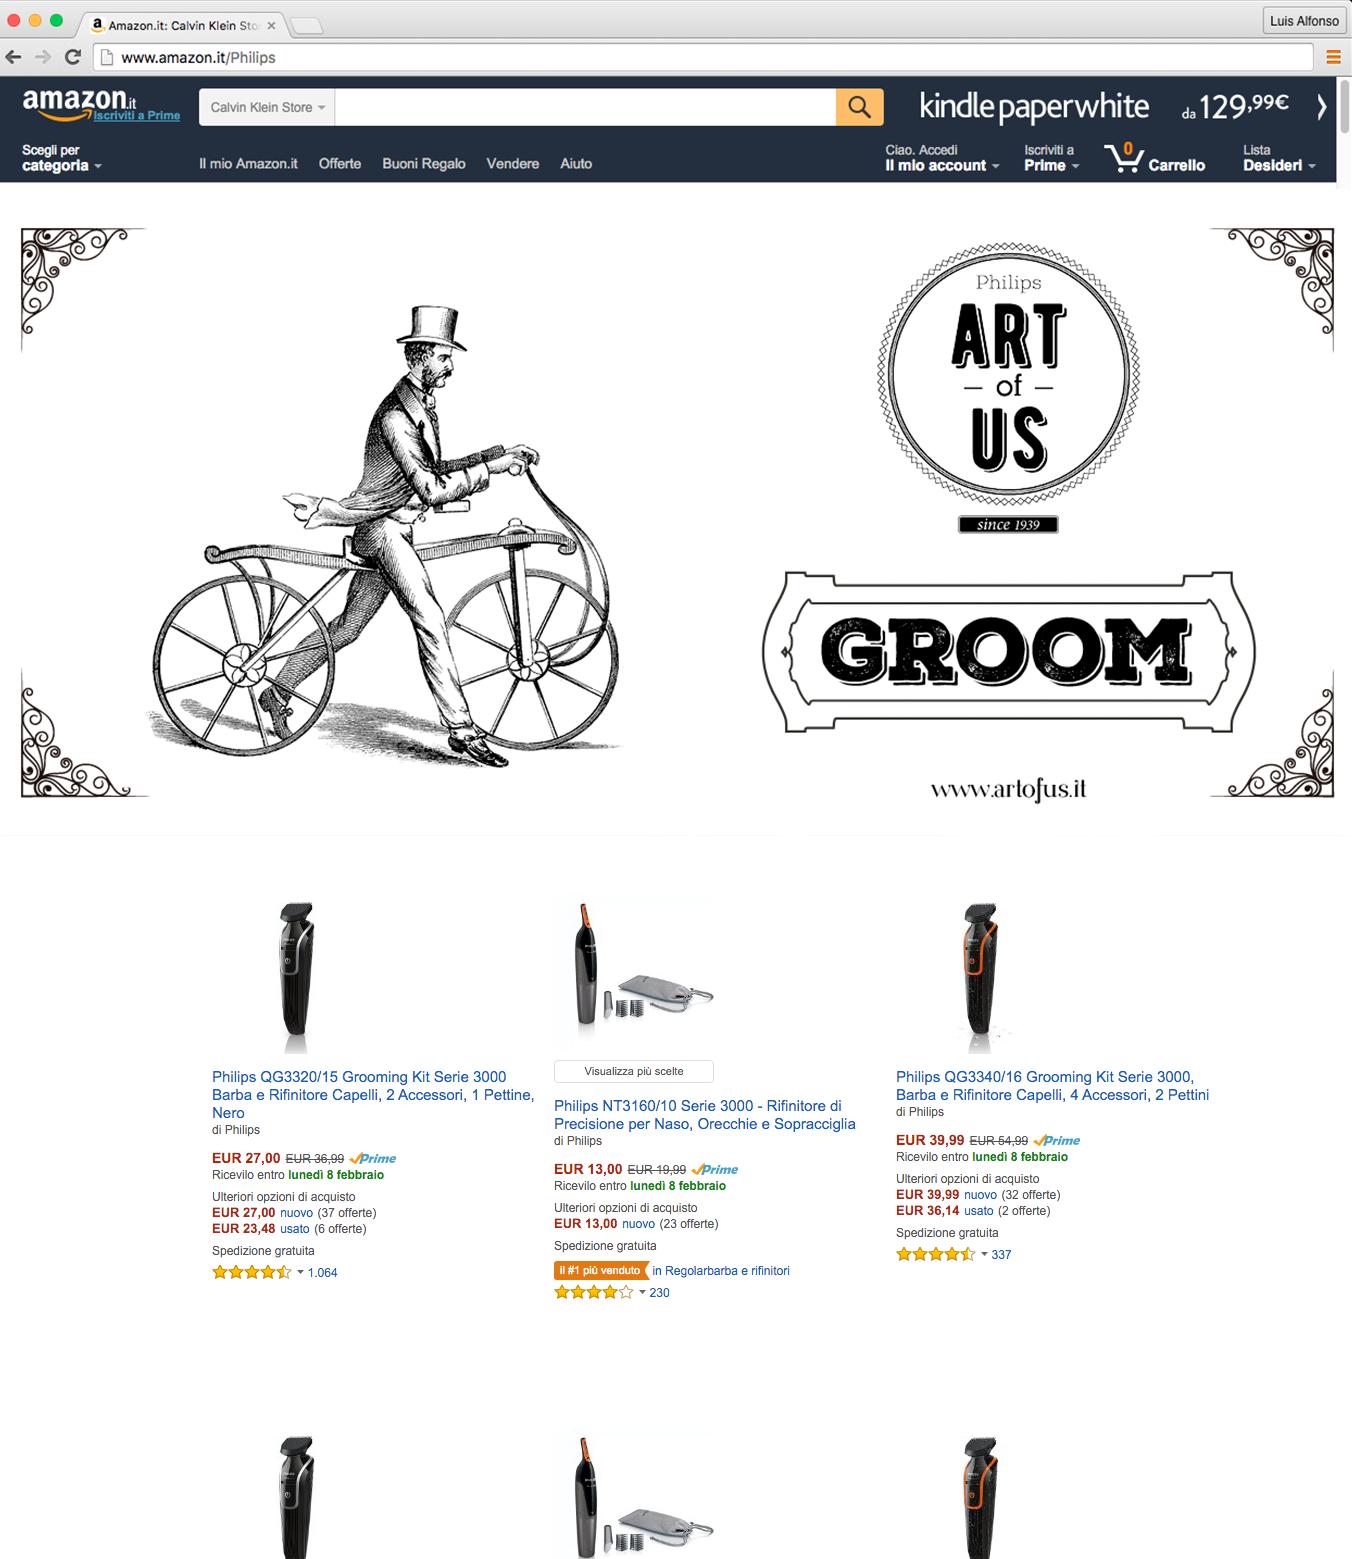 Amazon Landing Groom